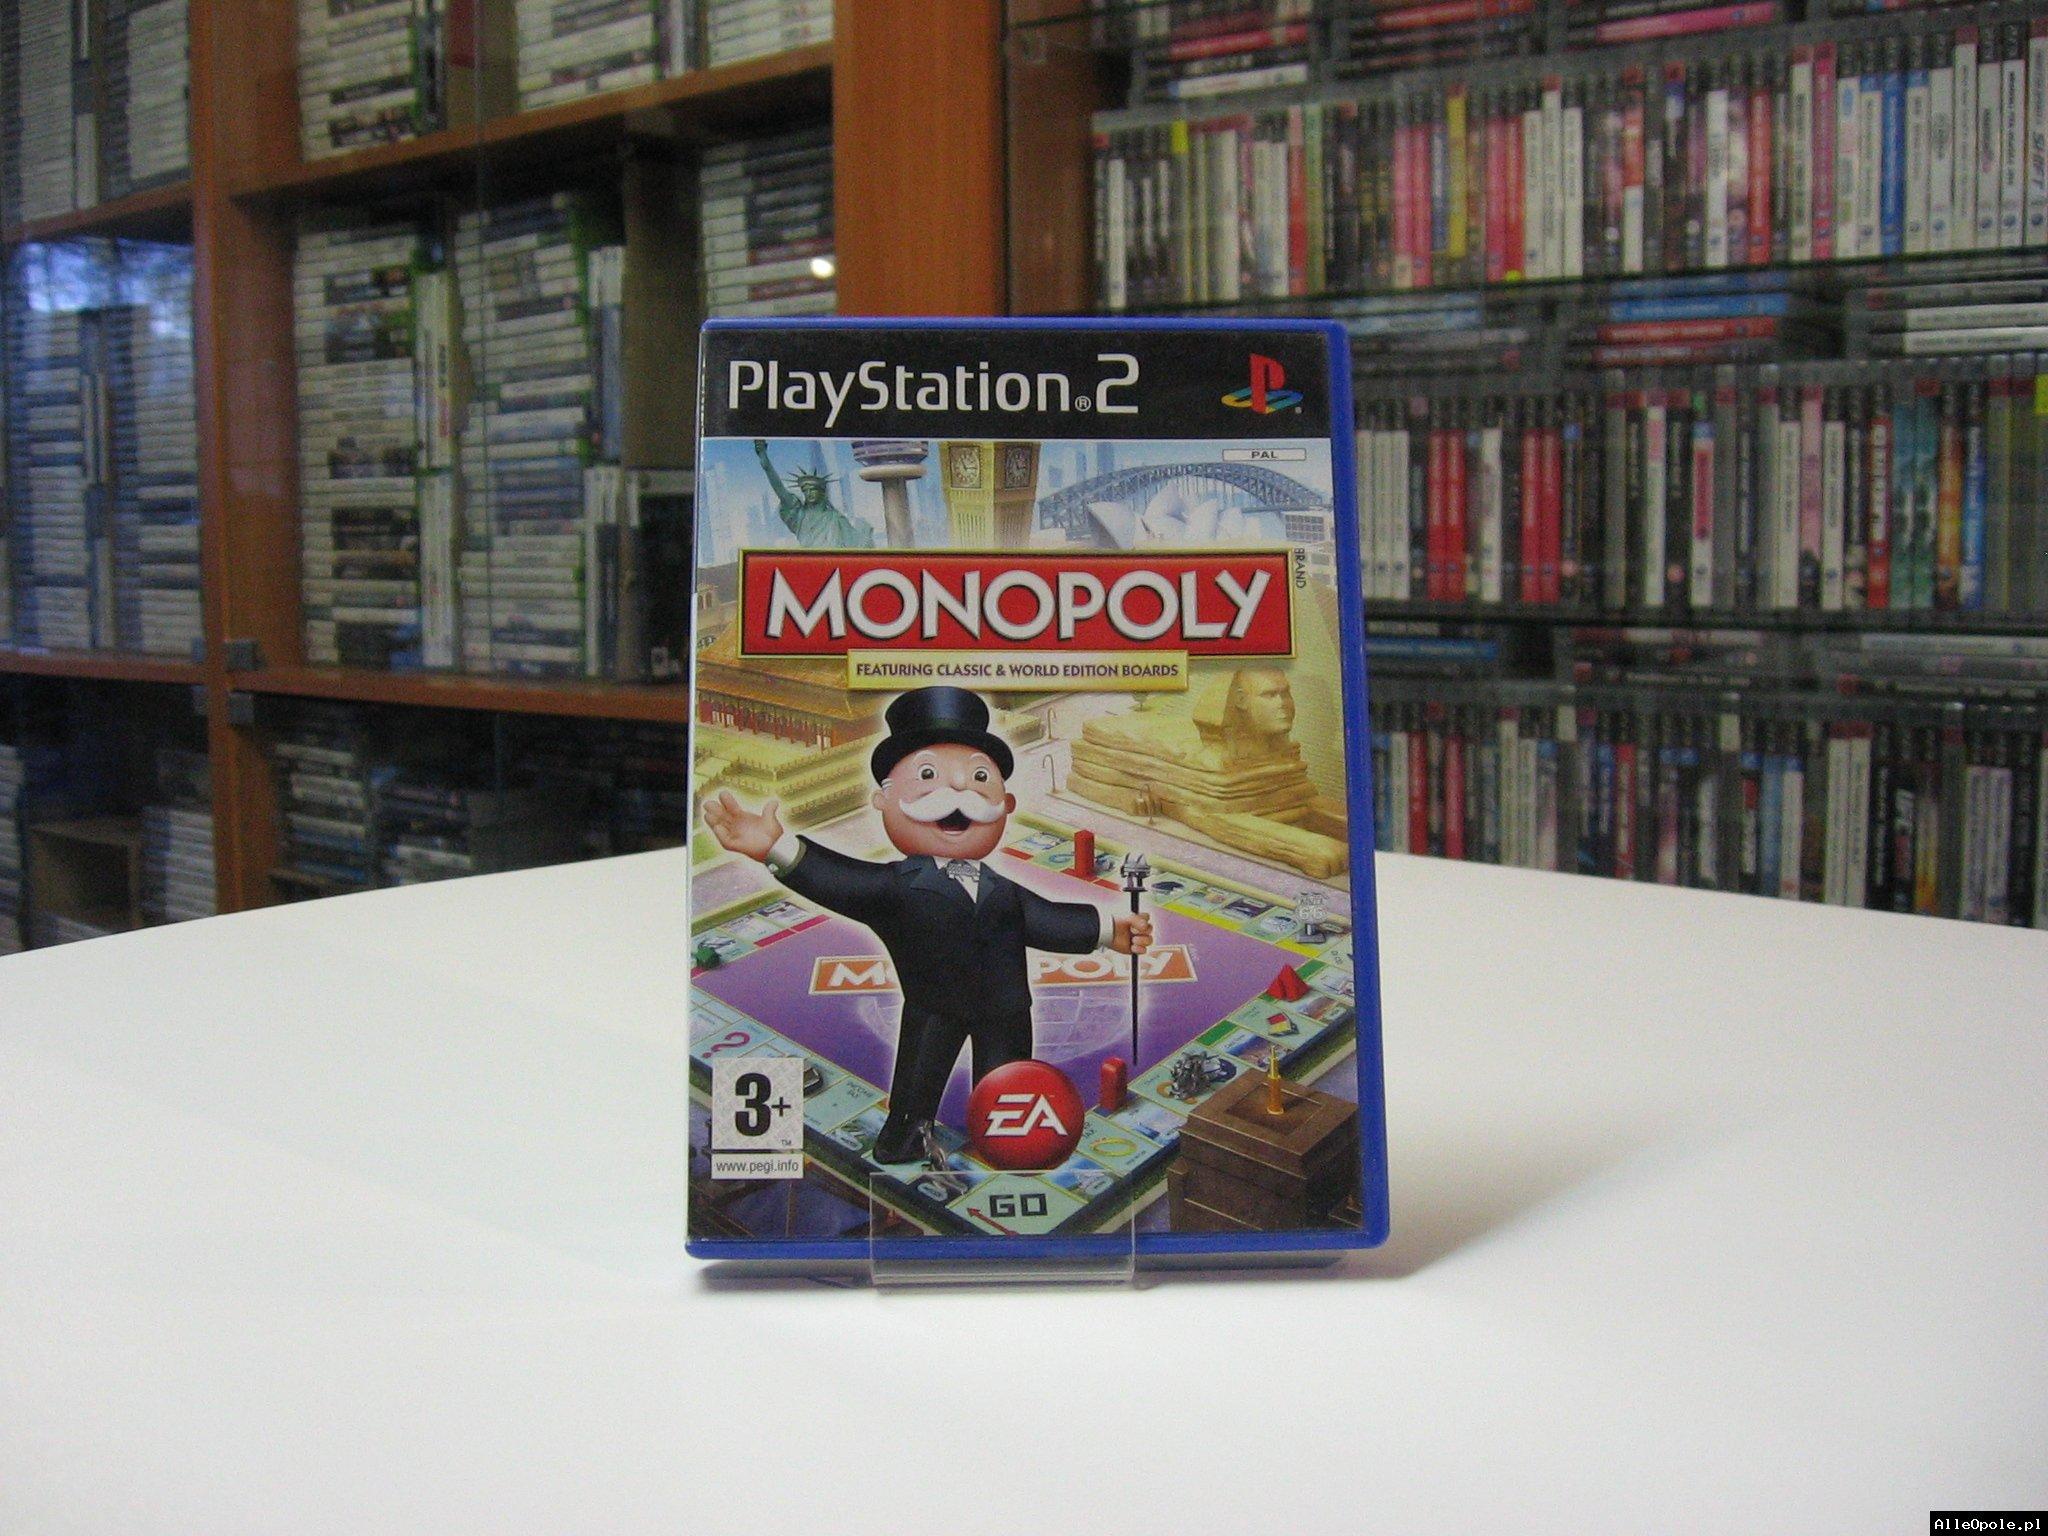 Monopoly - GRA Ps2 - Opole 0581